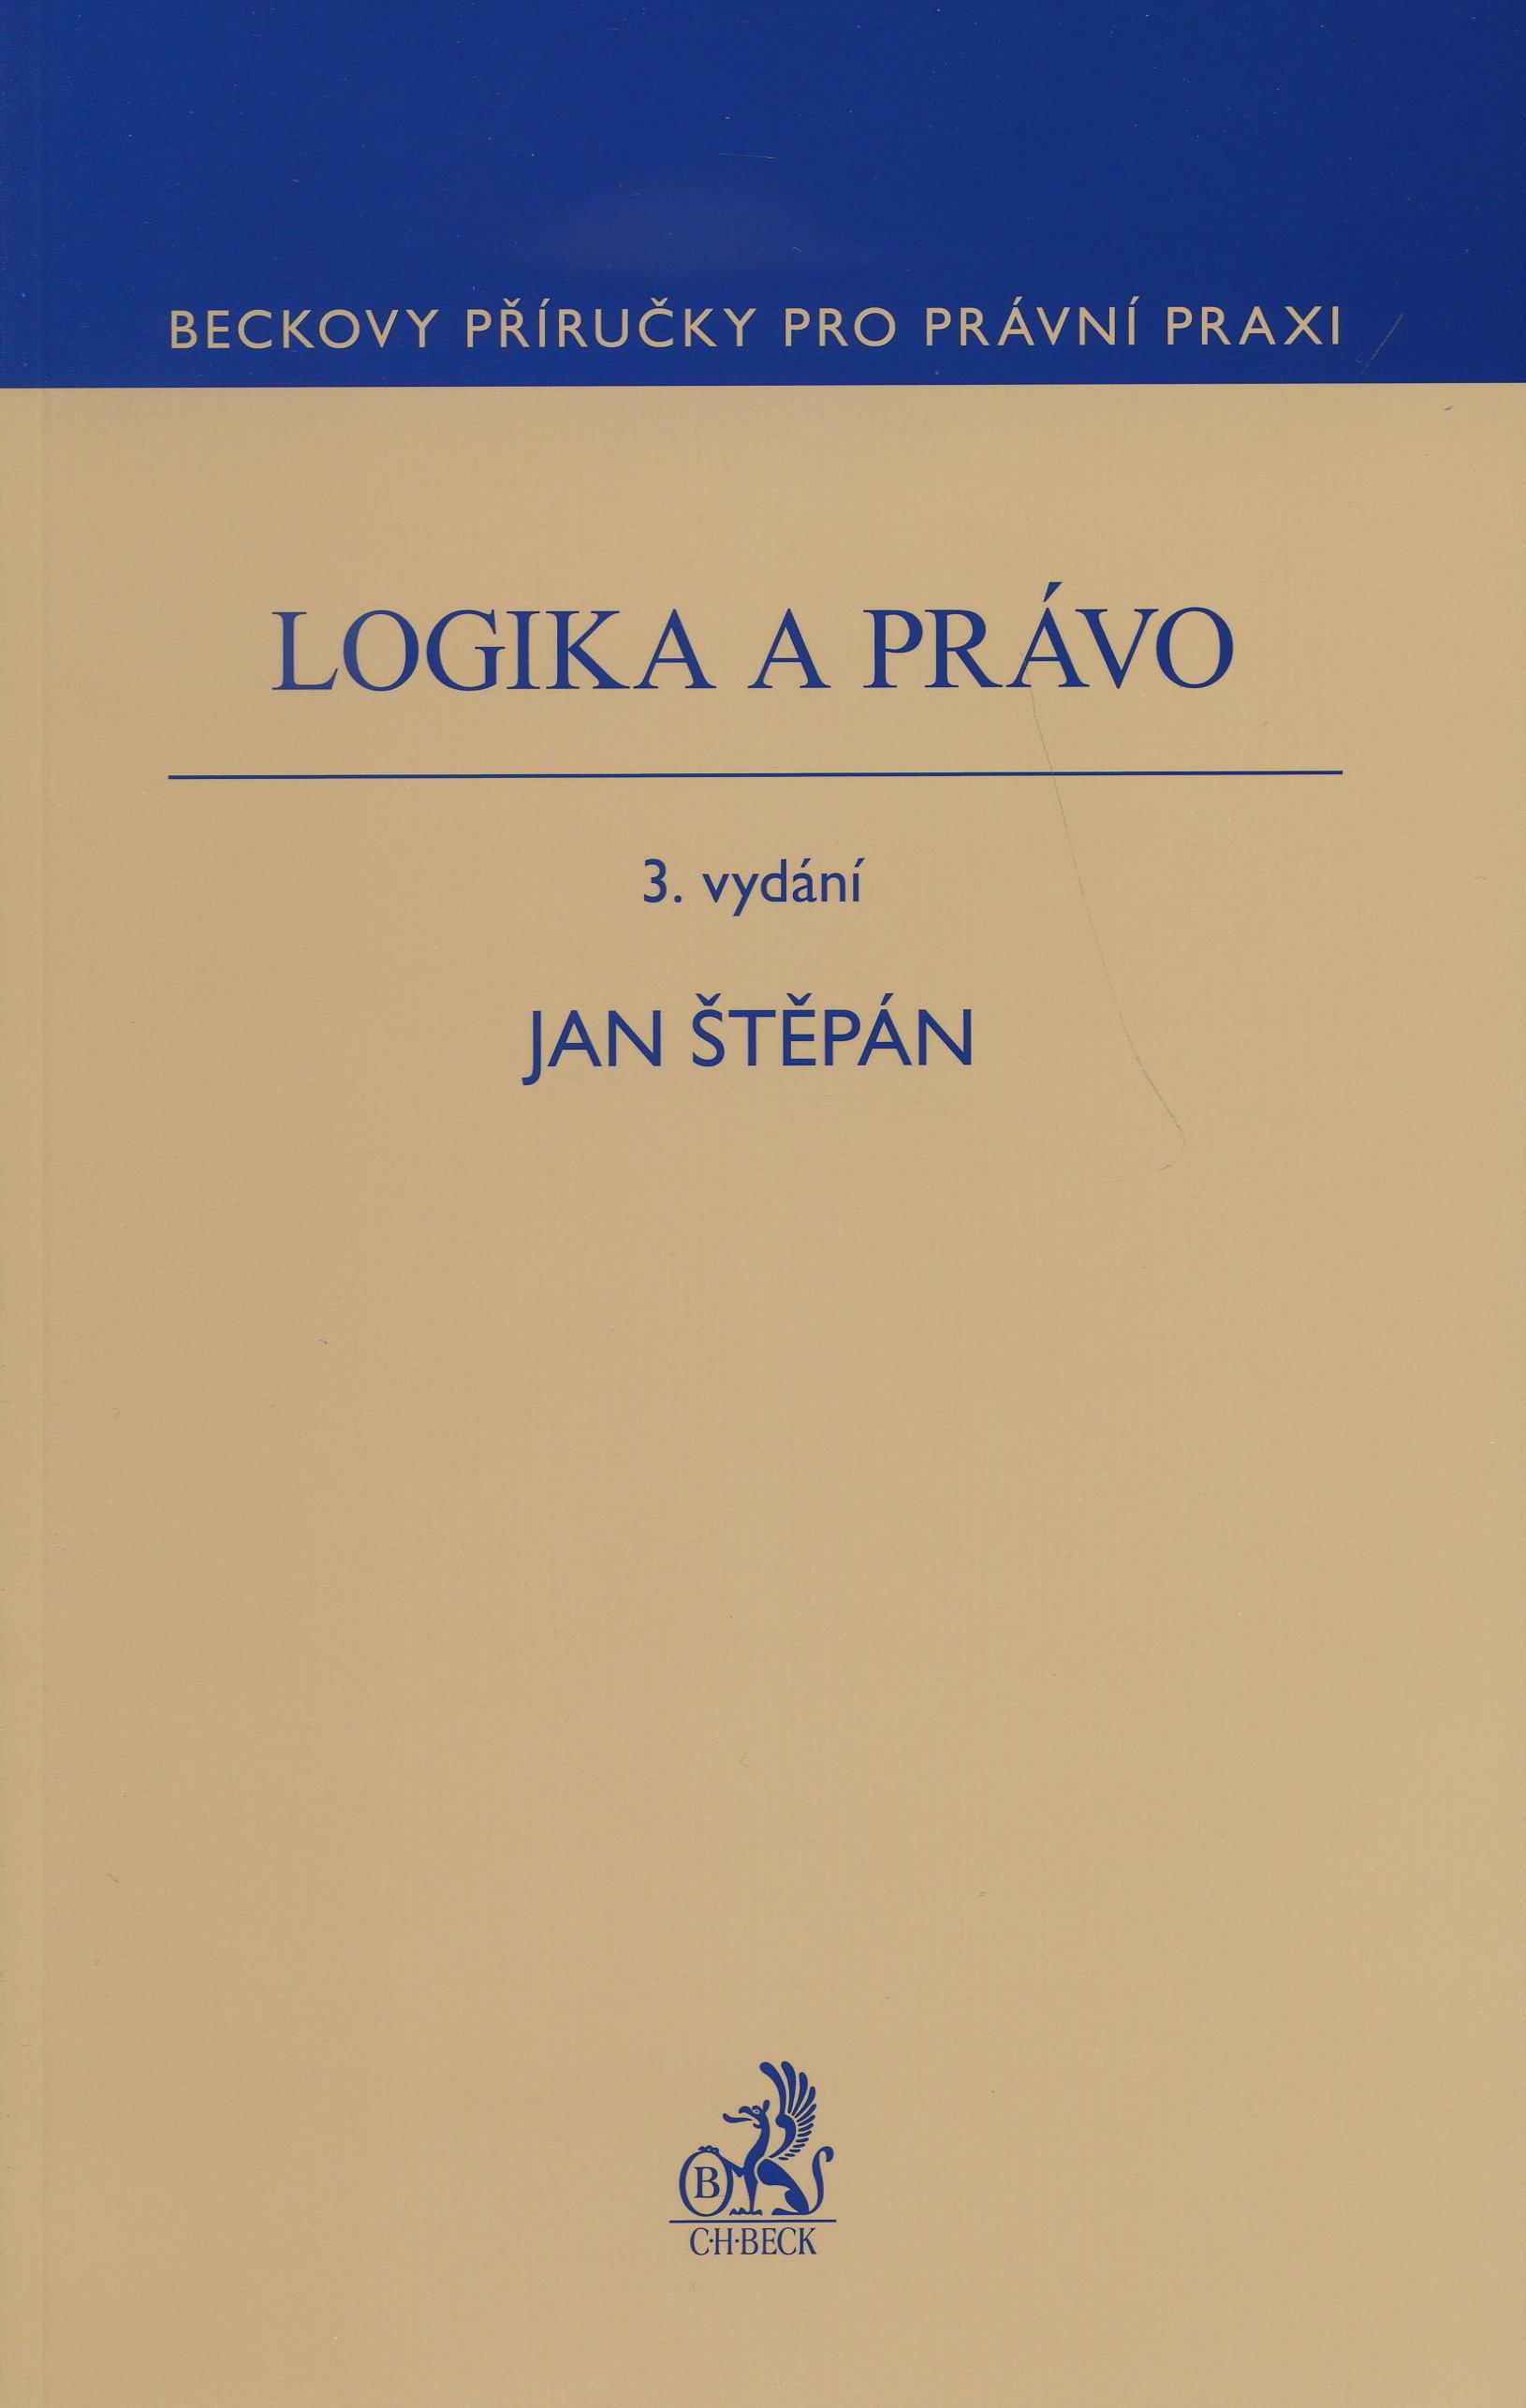 Logika a právo - 3. vydání